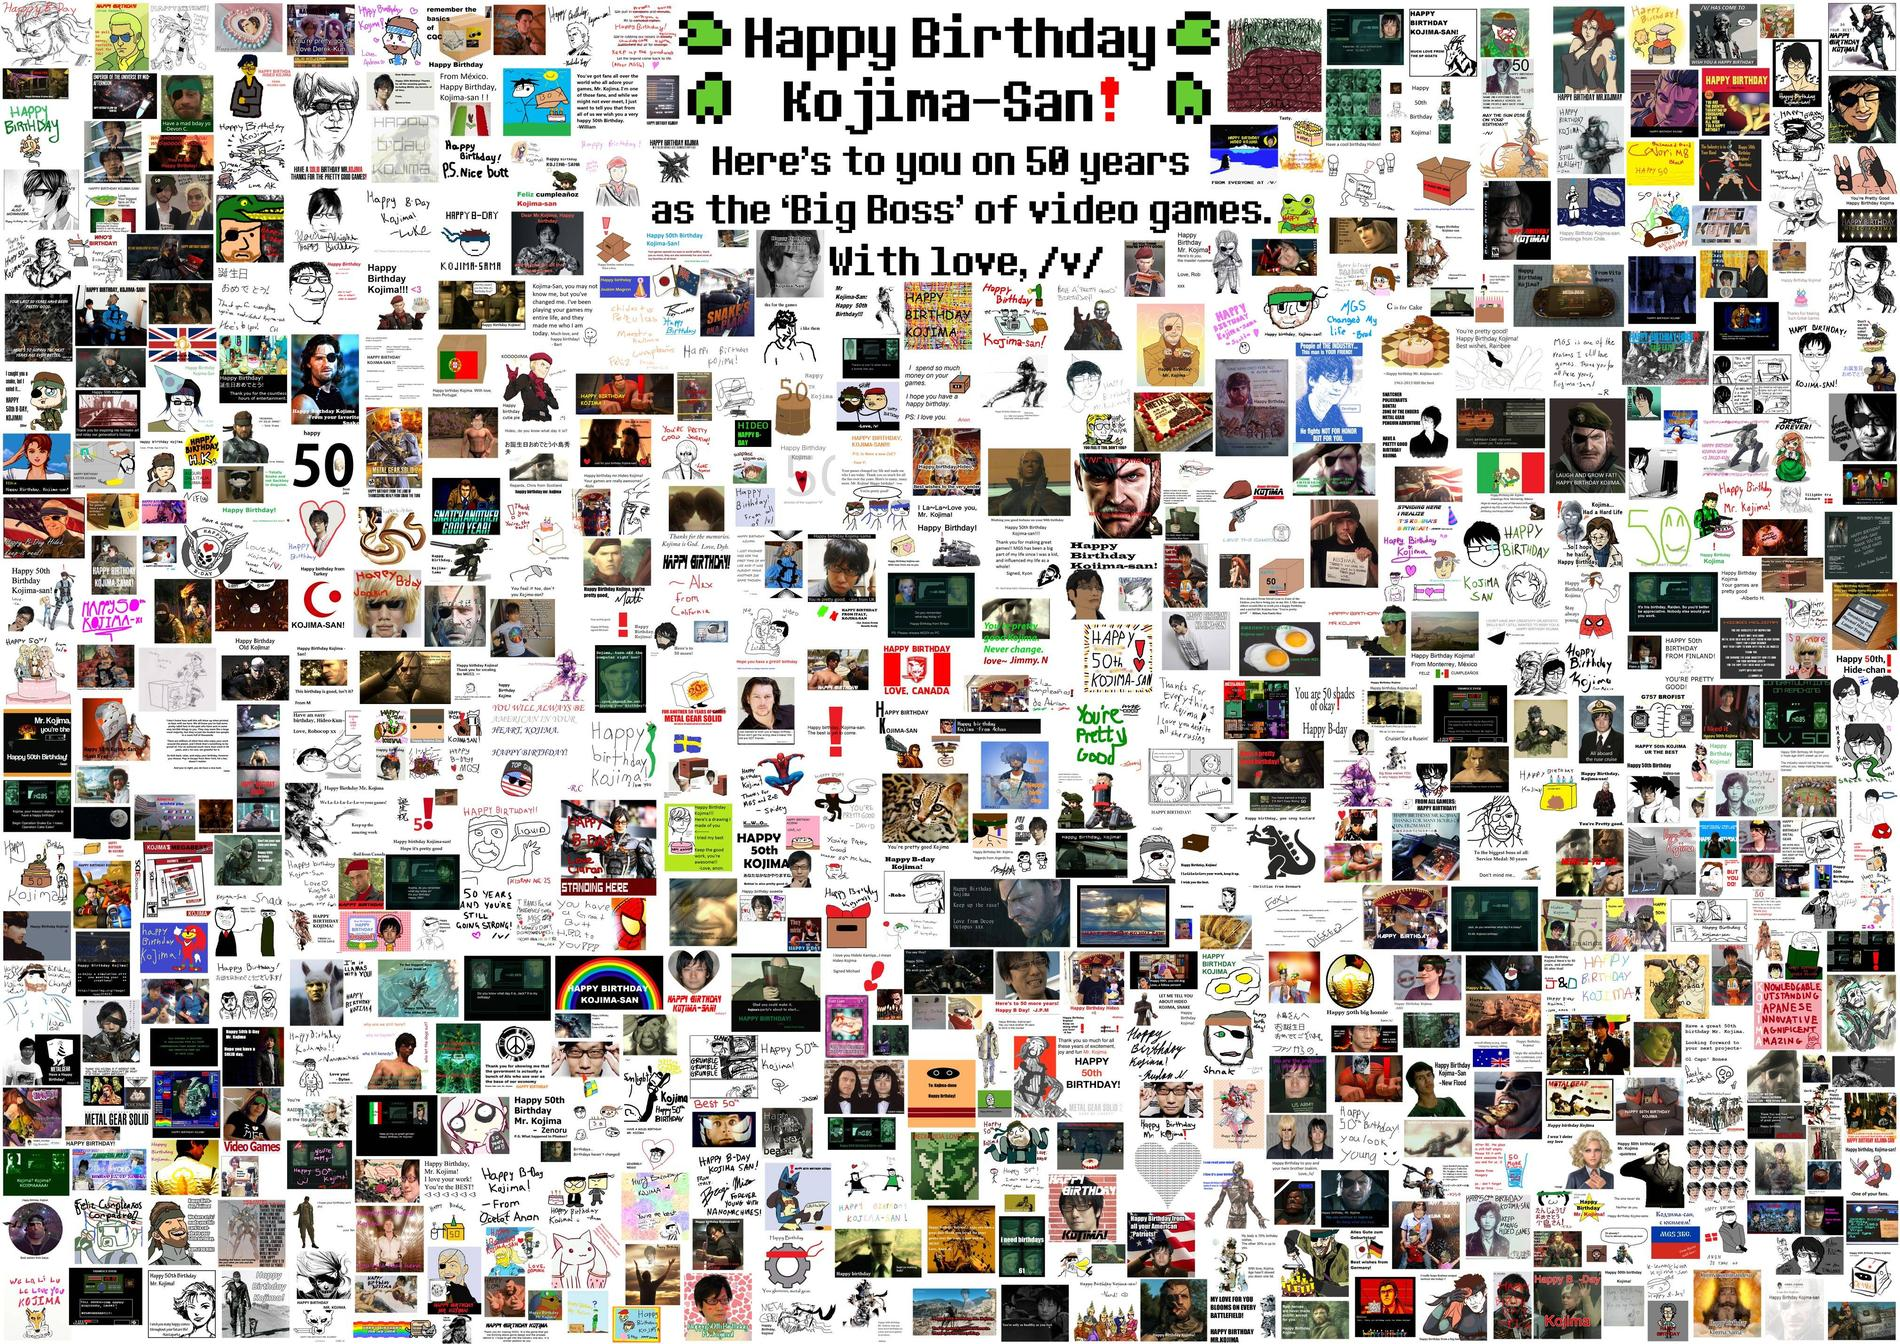 Кодзиме сегодня 50, поздравим его   Имиджбоард 4chan послал специальную поздравительную открытку для Хидео Кодзима - Изображение 1